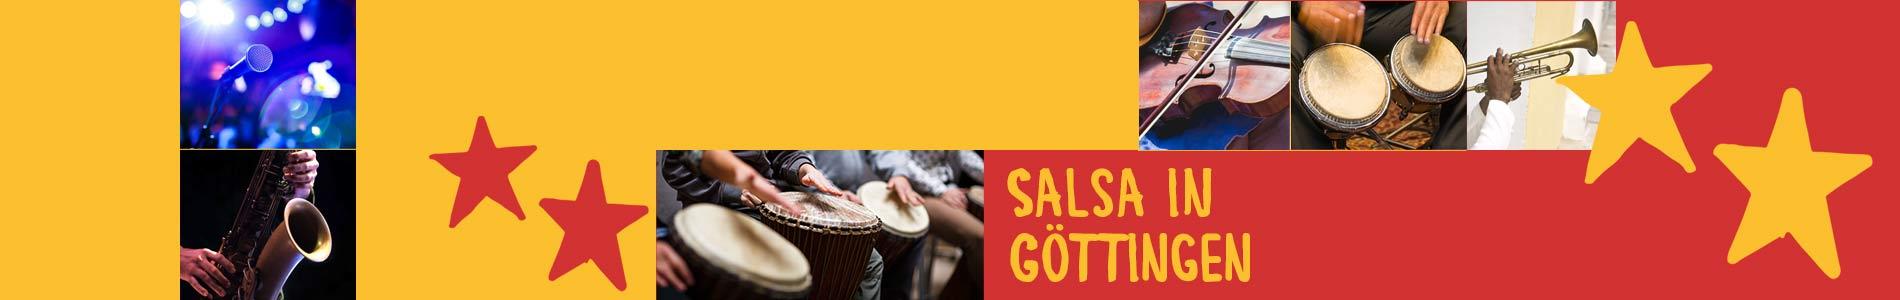 Salsa in Göttingen – Salsa lernen und tanzen, Tanzkurse, Partys, Veranstaltungen